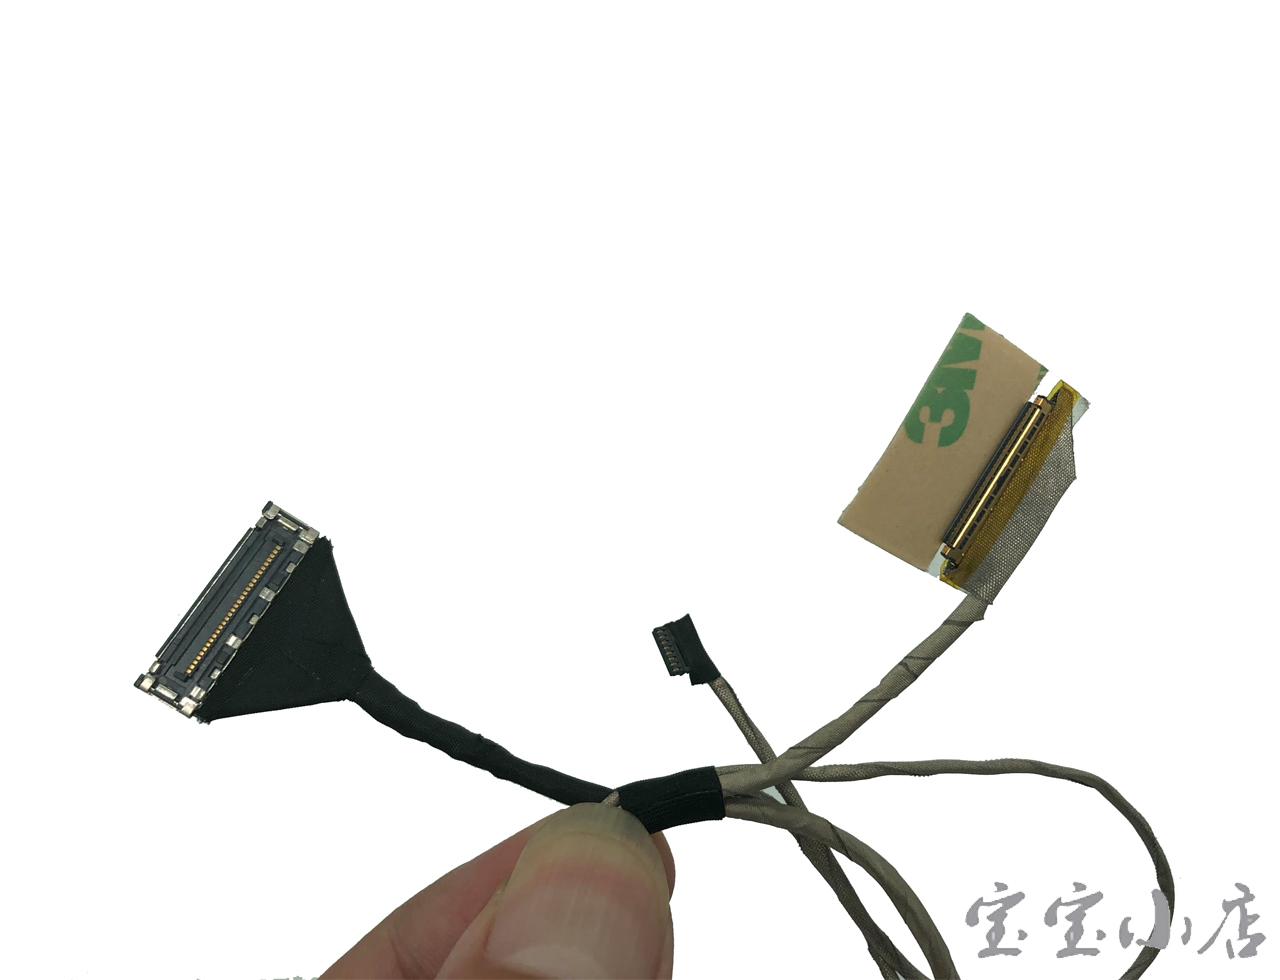 DC02001MH00联想 Ideapad G50-75 G50-80 Z50 Z50-70 Z50-75 集成显卡屏线 排线 液晶连接线